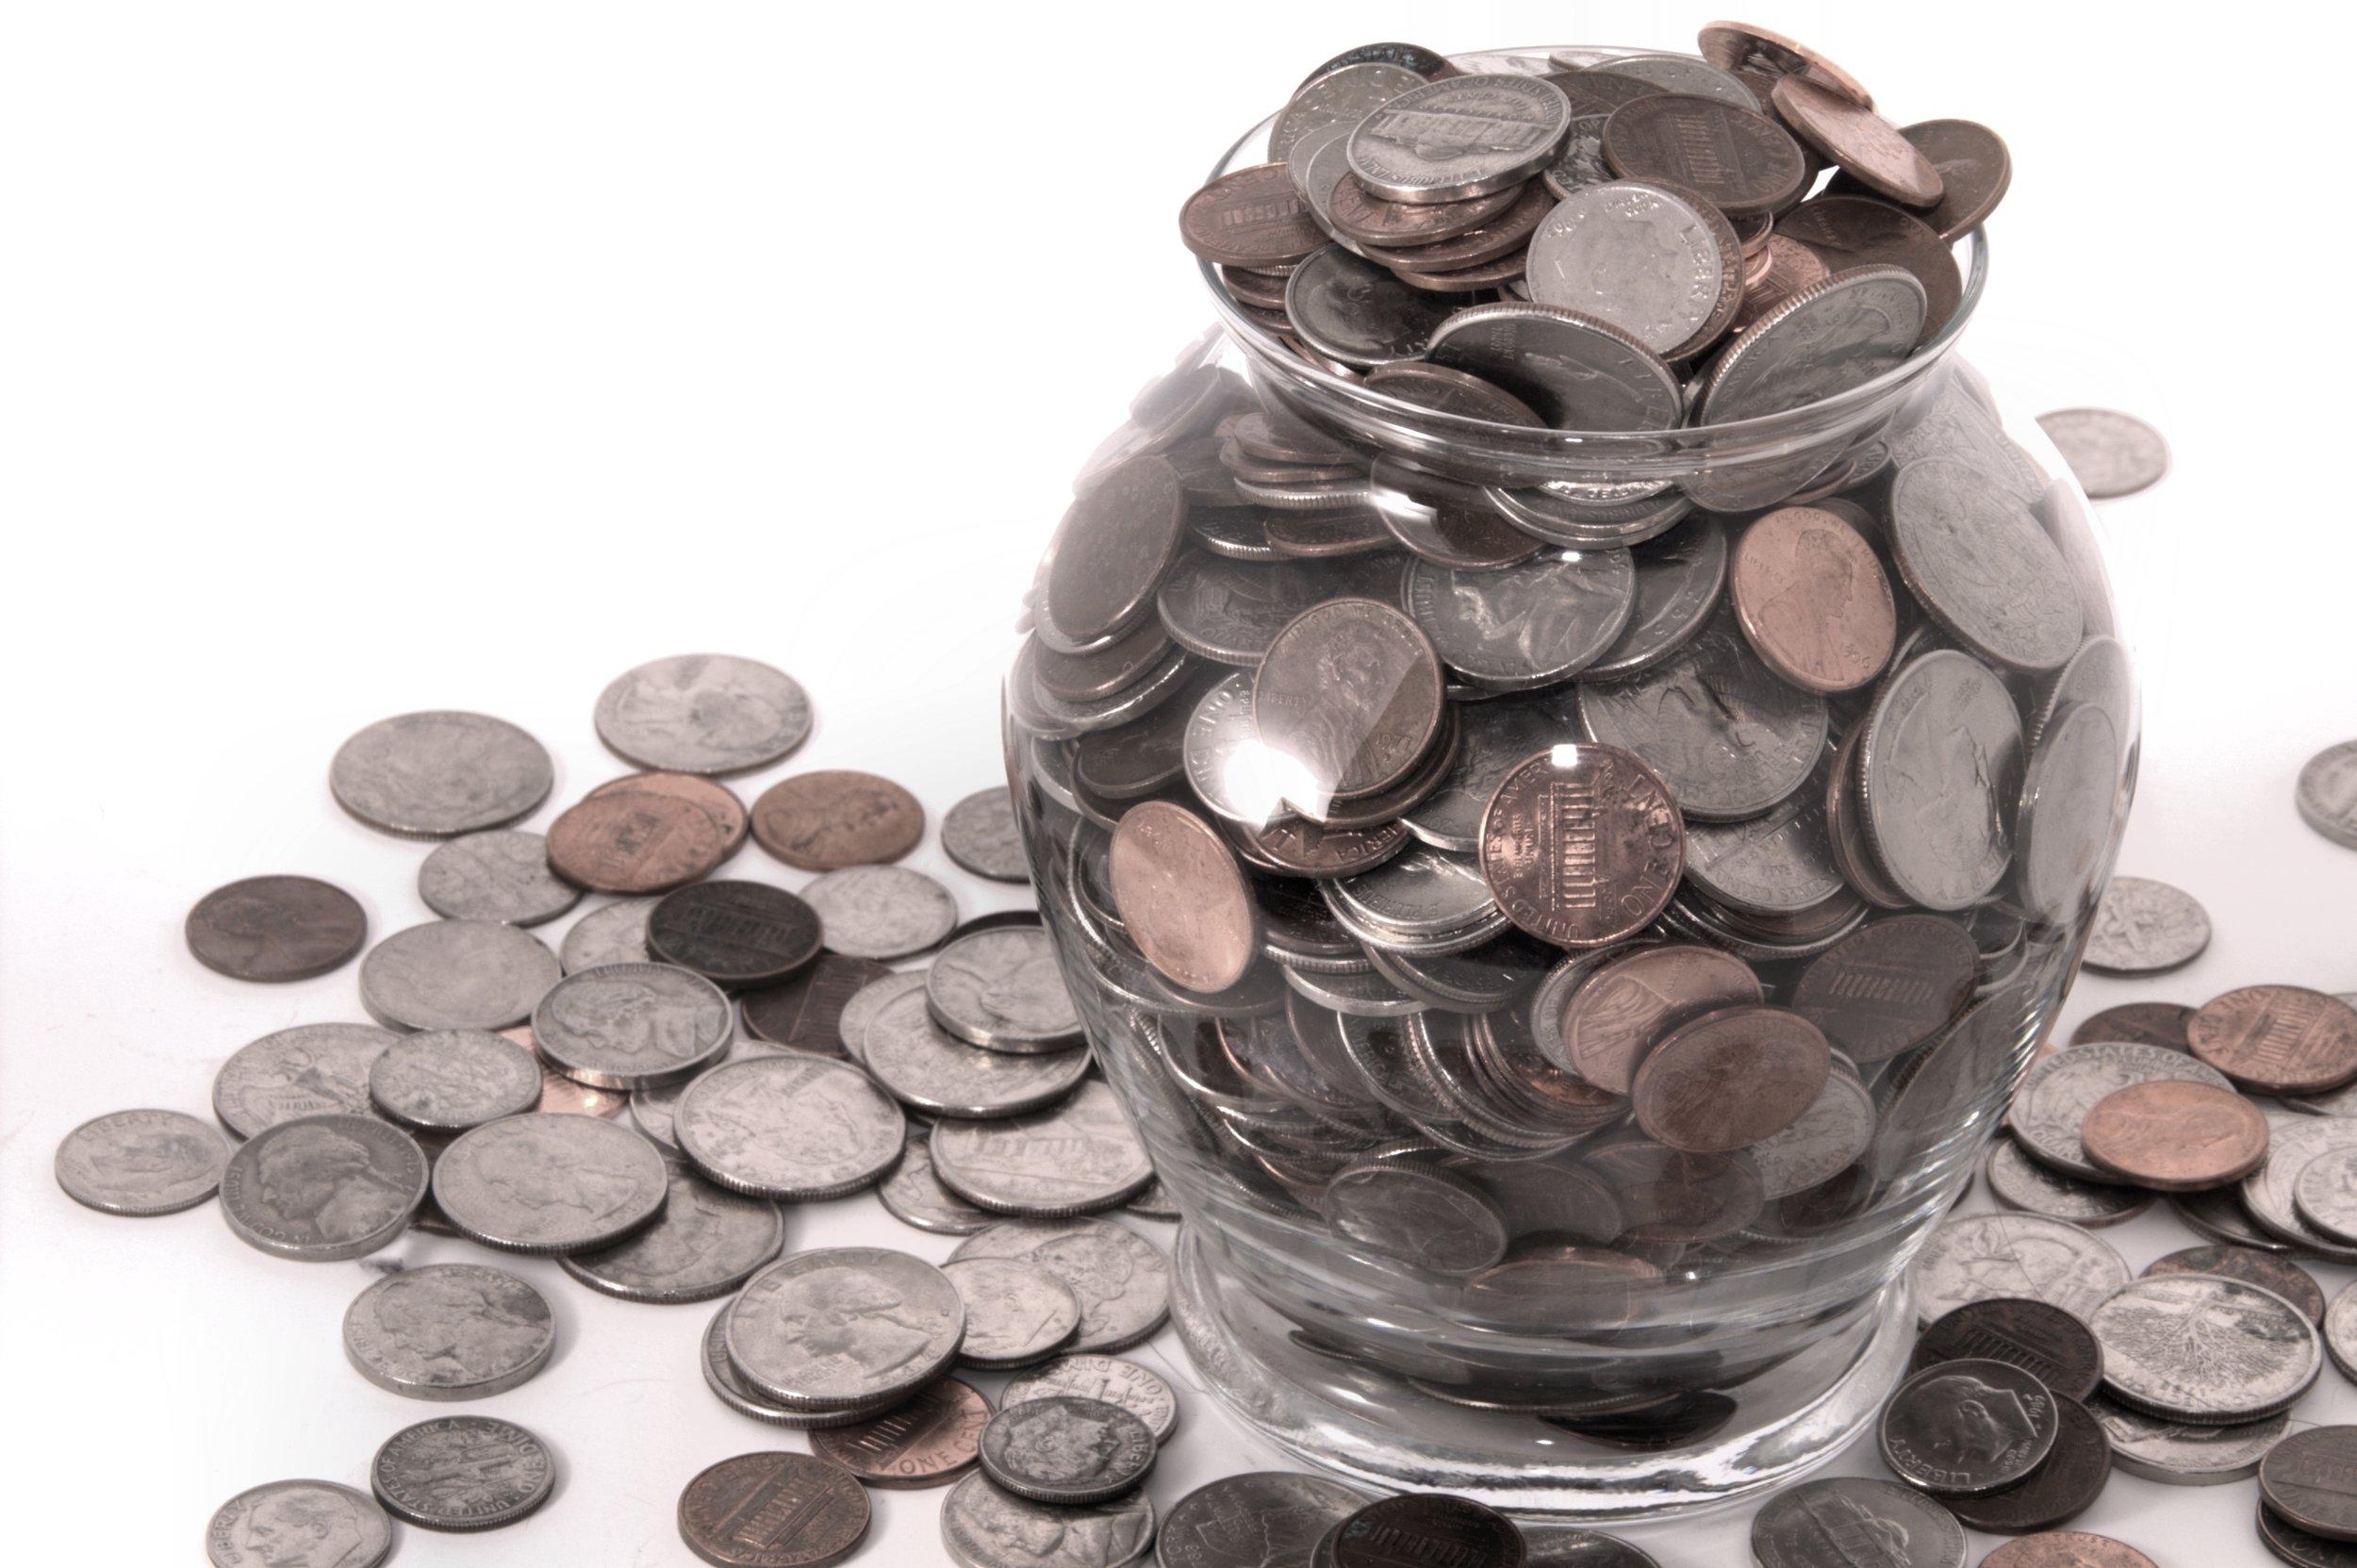 Coins in a jar.jpg